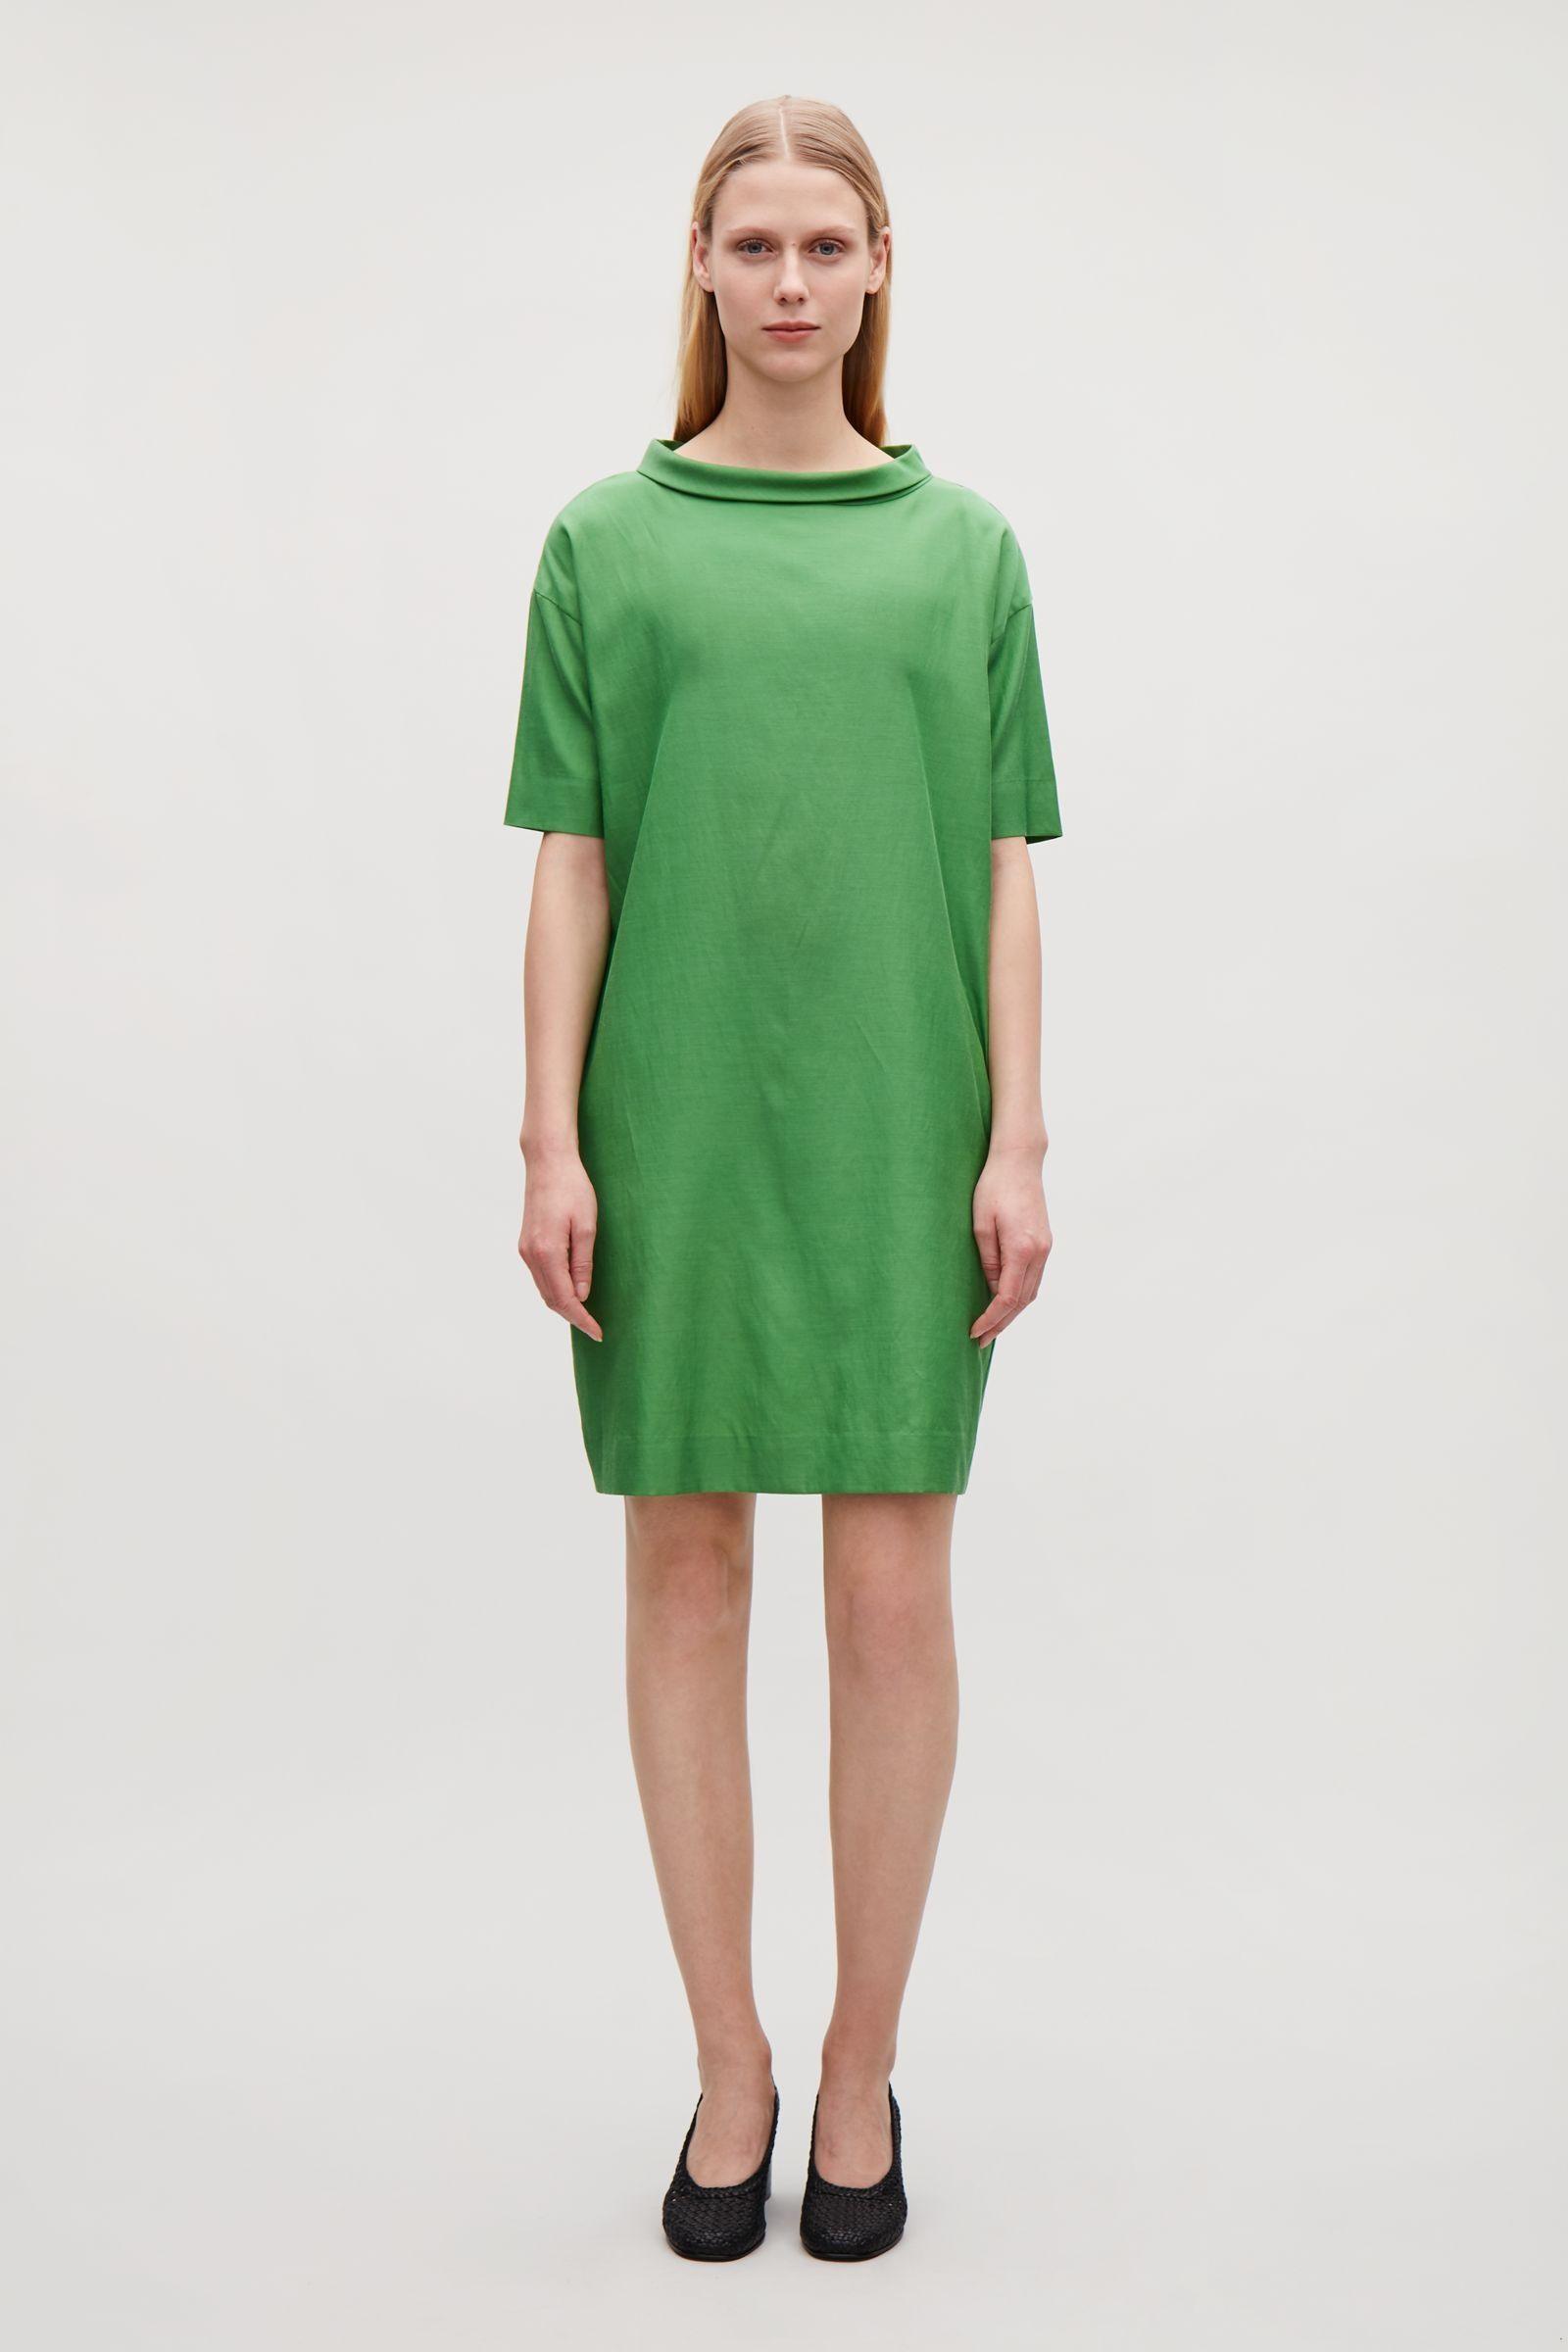 13 Perfekt Abendkleid Cos BoutiqueDesigner Top Abendkleid Cos Galerie